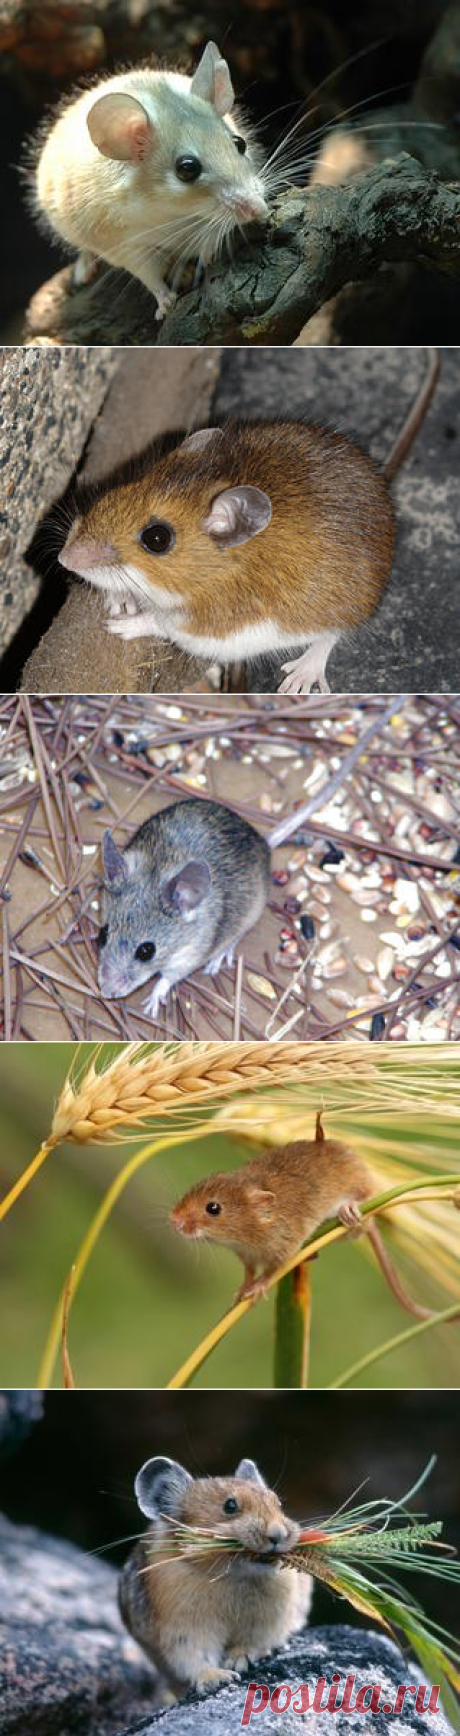 Смотреть изображения мышей | Зооляндия